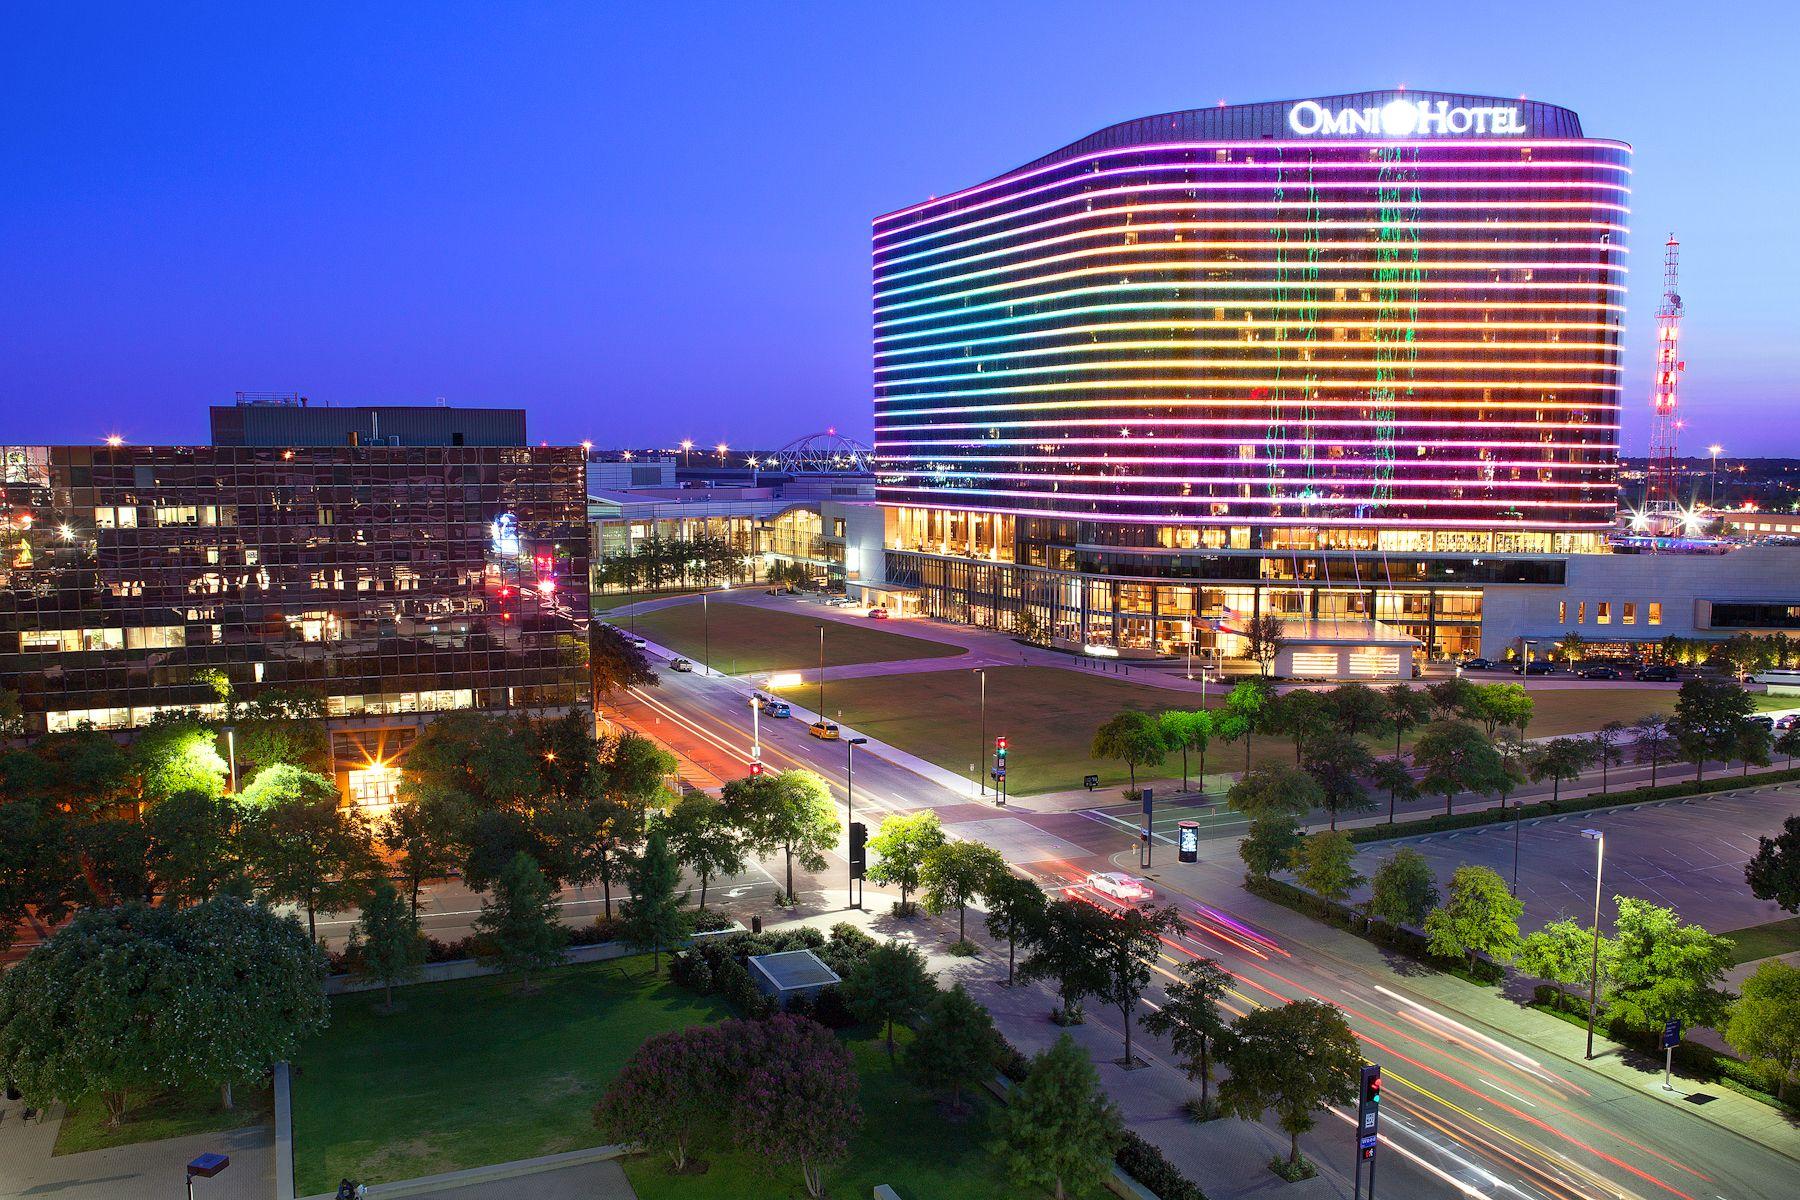 omni dallas | 40th | Dallas hotels, Dallas convention ...